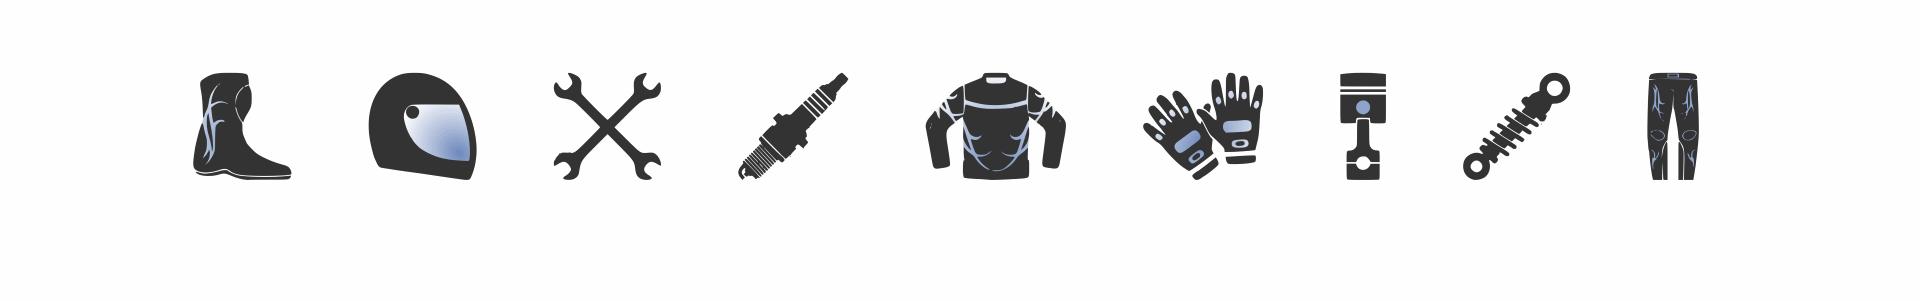 Bohn Armor Icons.